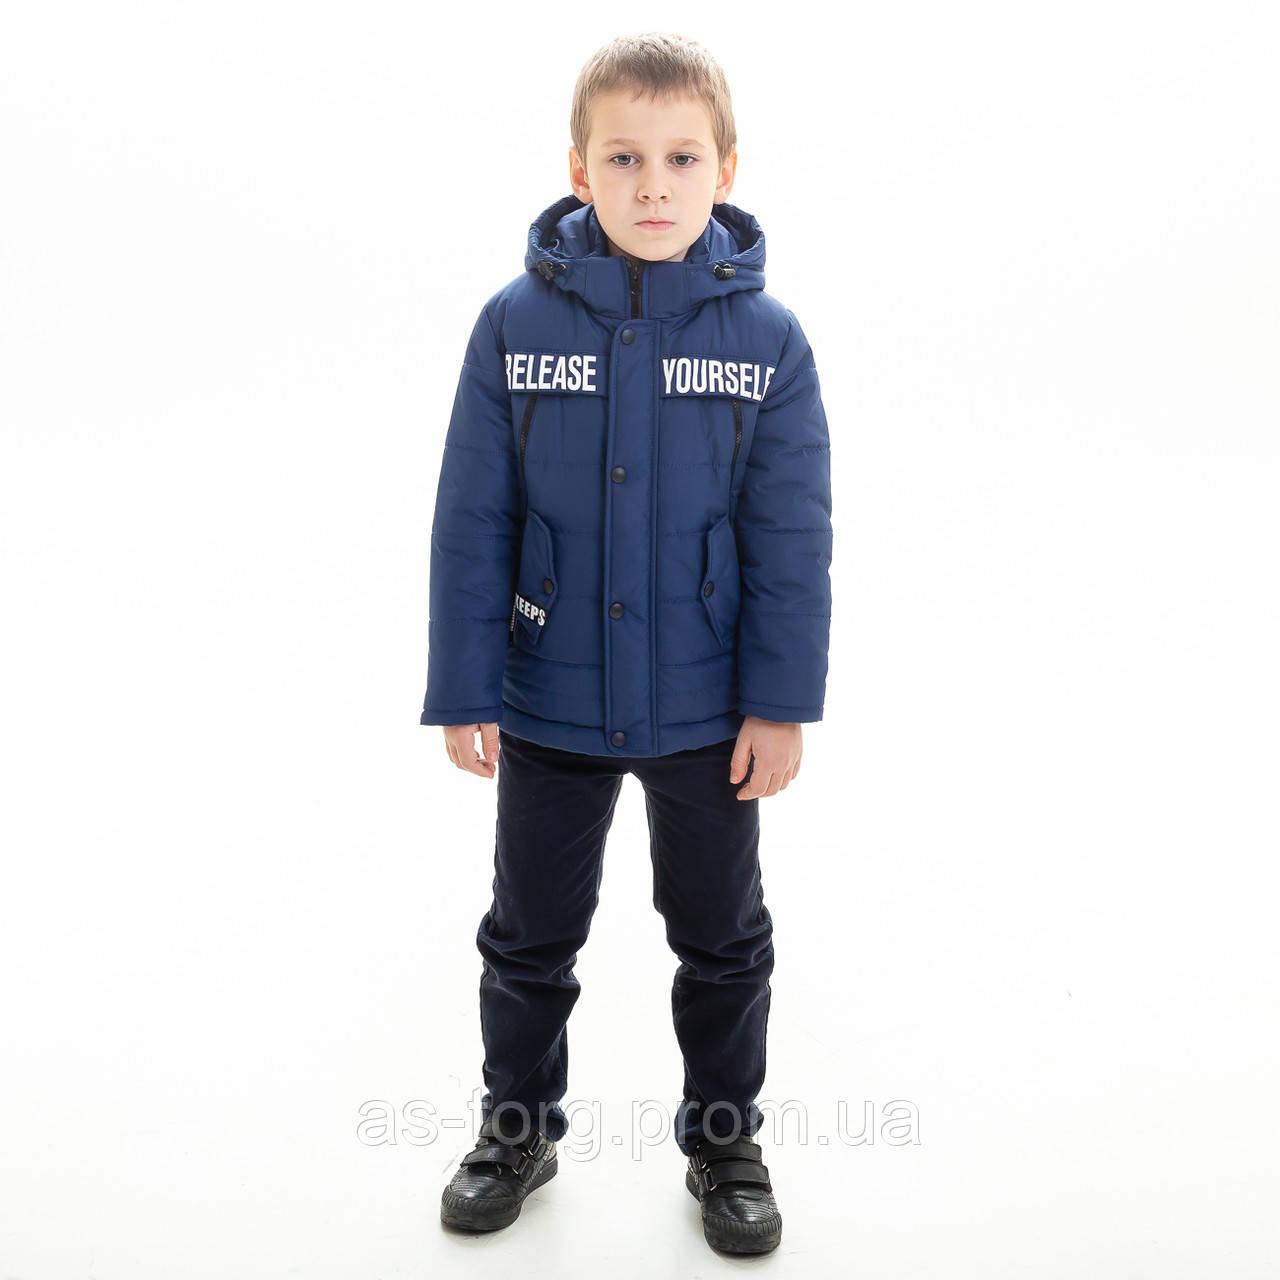 Куртка демисезонная для мальчика «Ники»